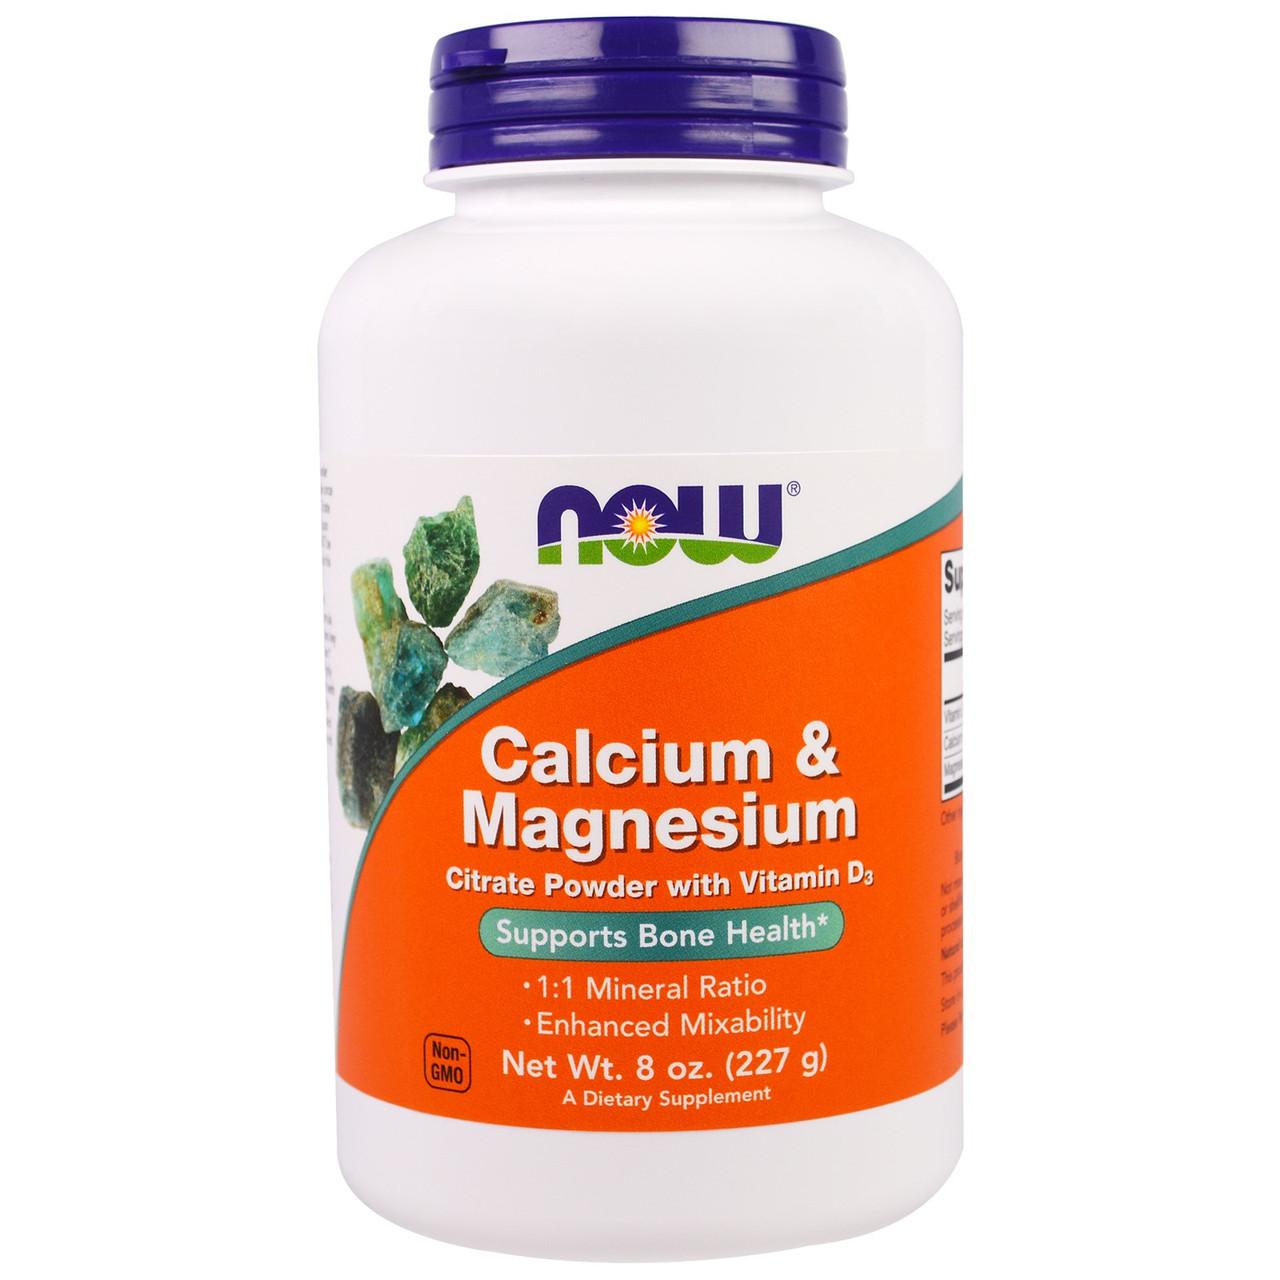 Calcium & Magnesium (227 g)